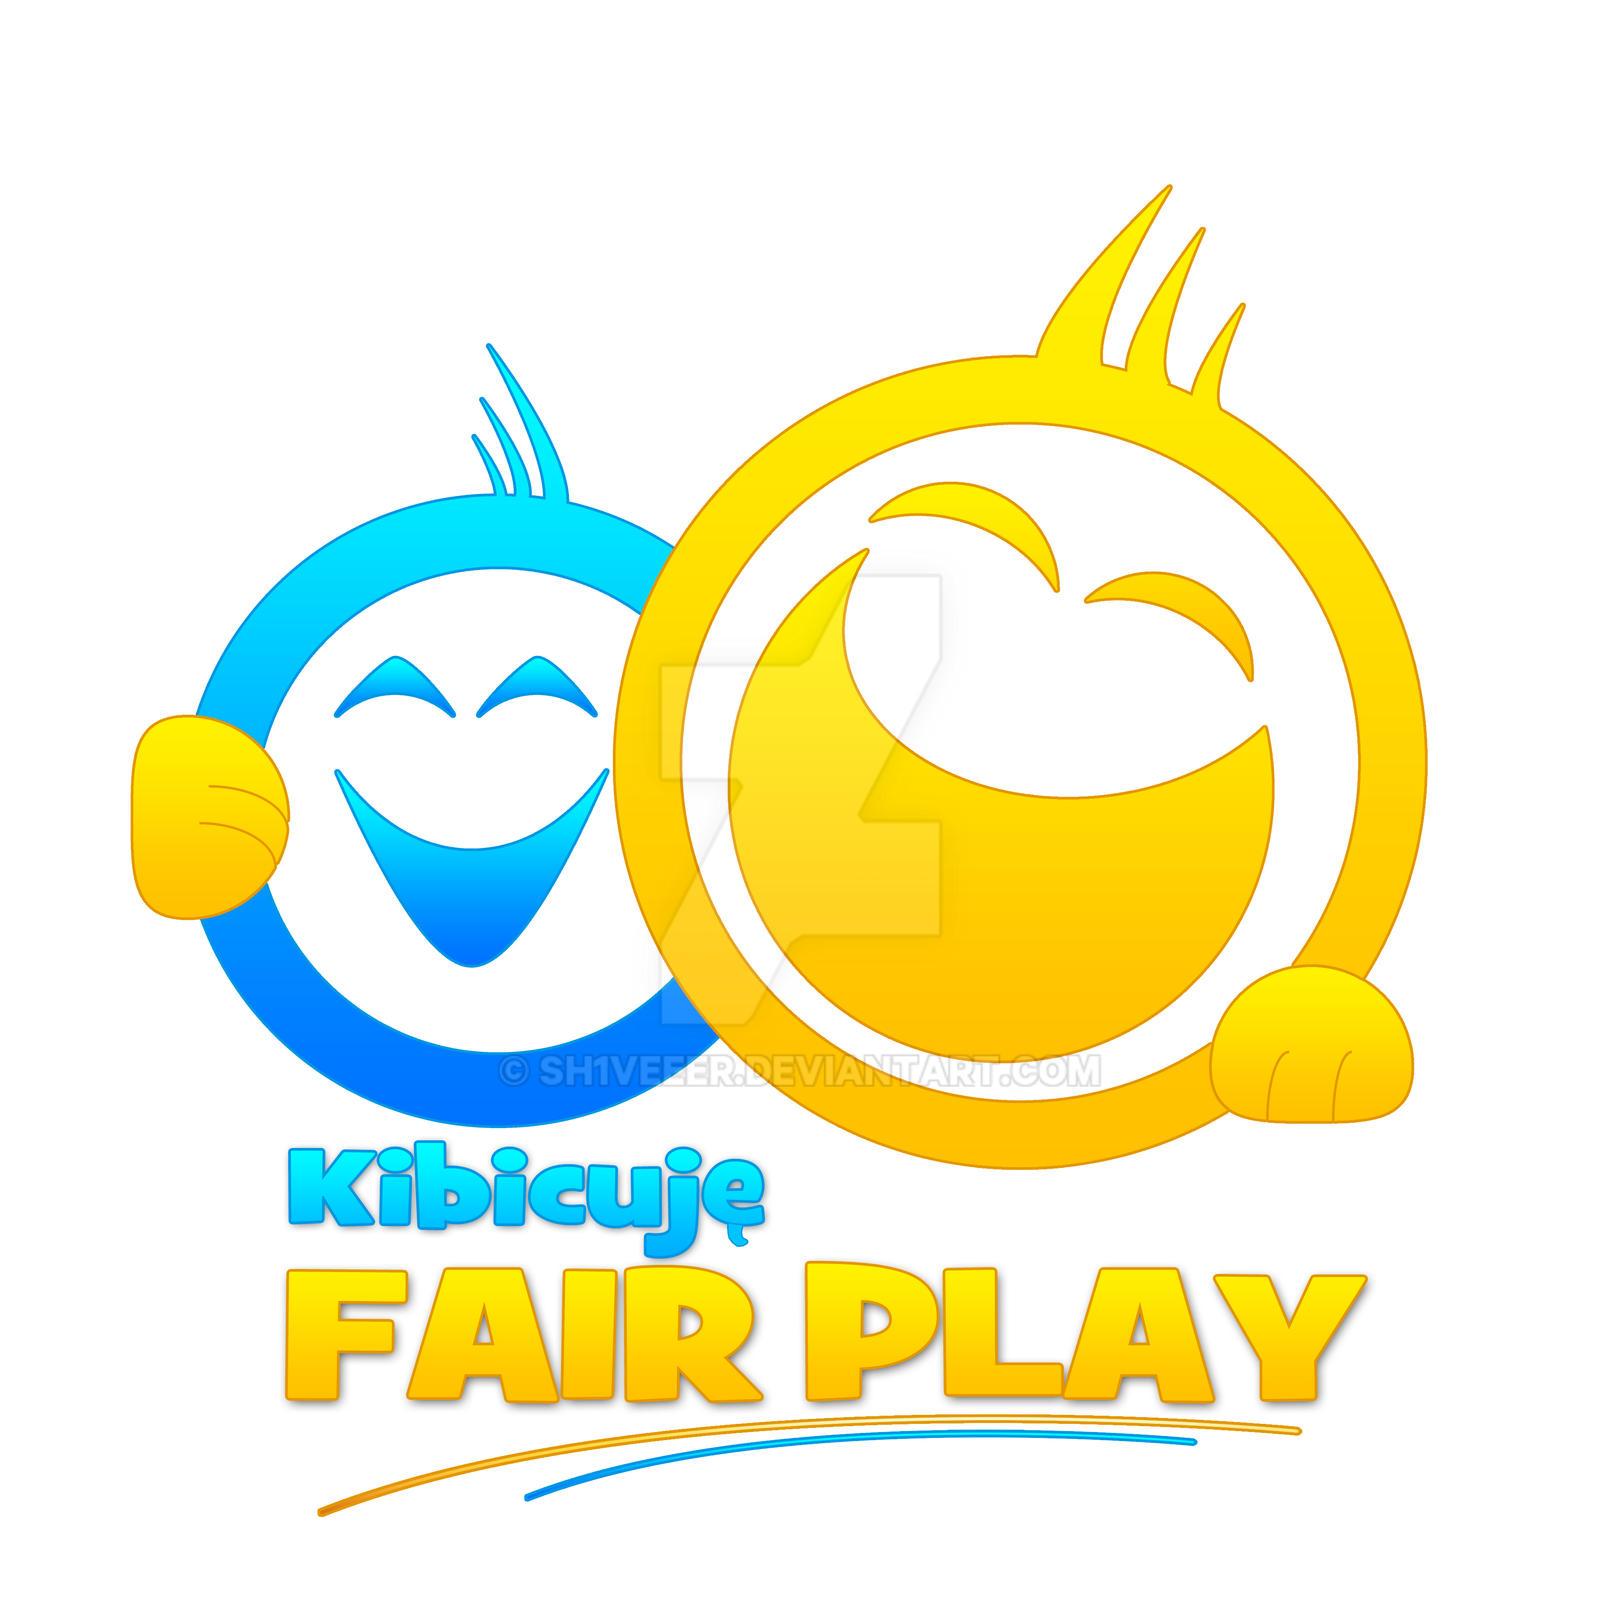 'Kibicuje Fair Play' Logo